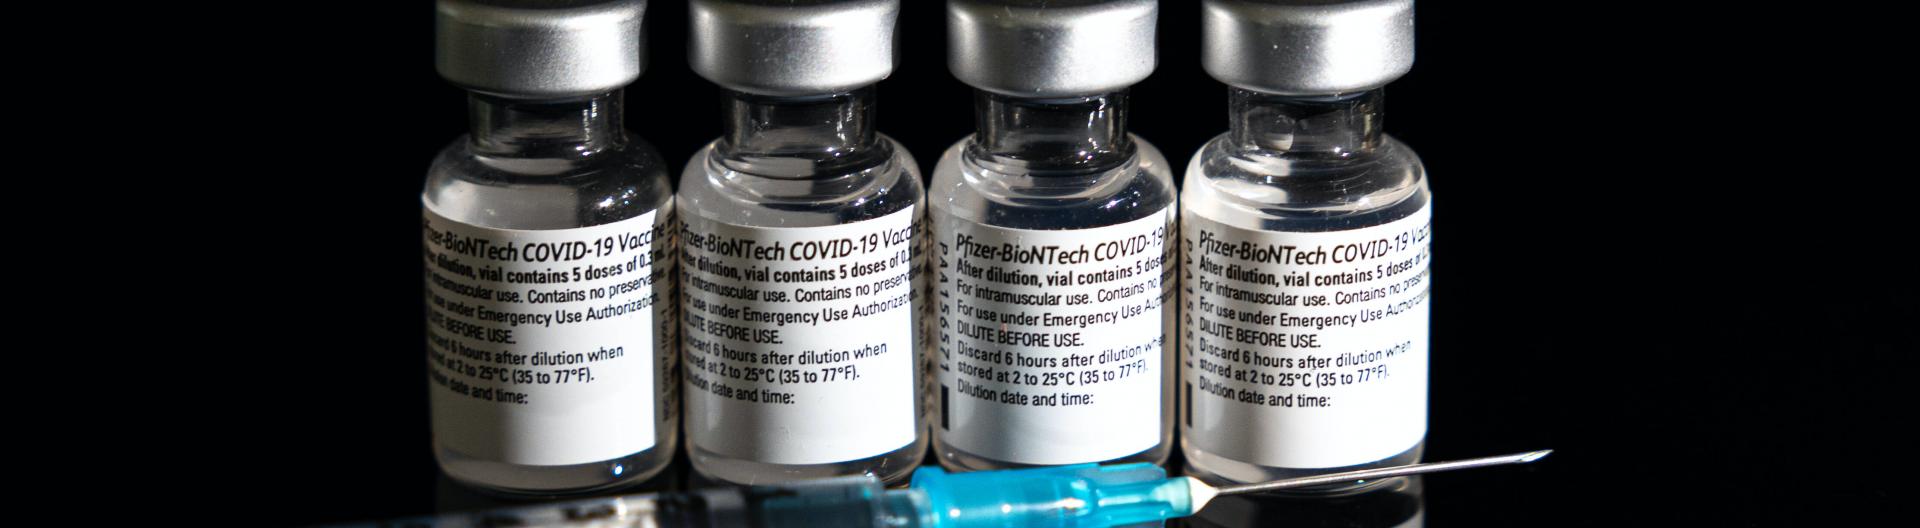 Vier Impfdosen von Pfizer-Biontech stehen vor schwarzem Hintergrund mit einer Spritze davor